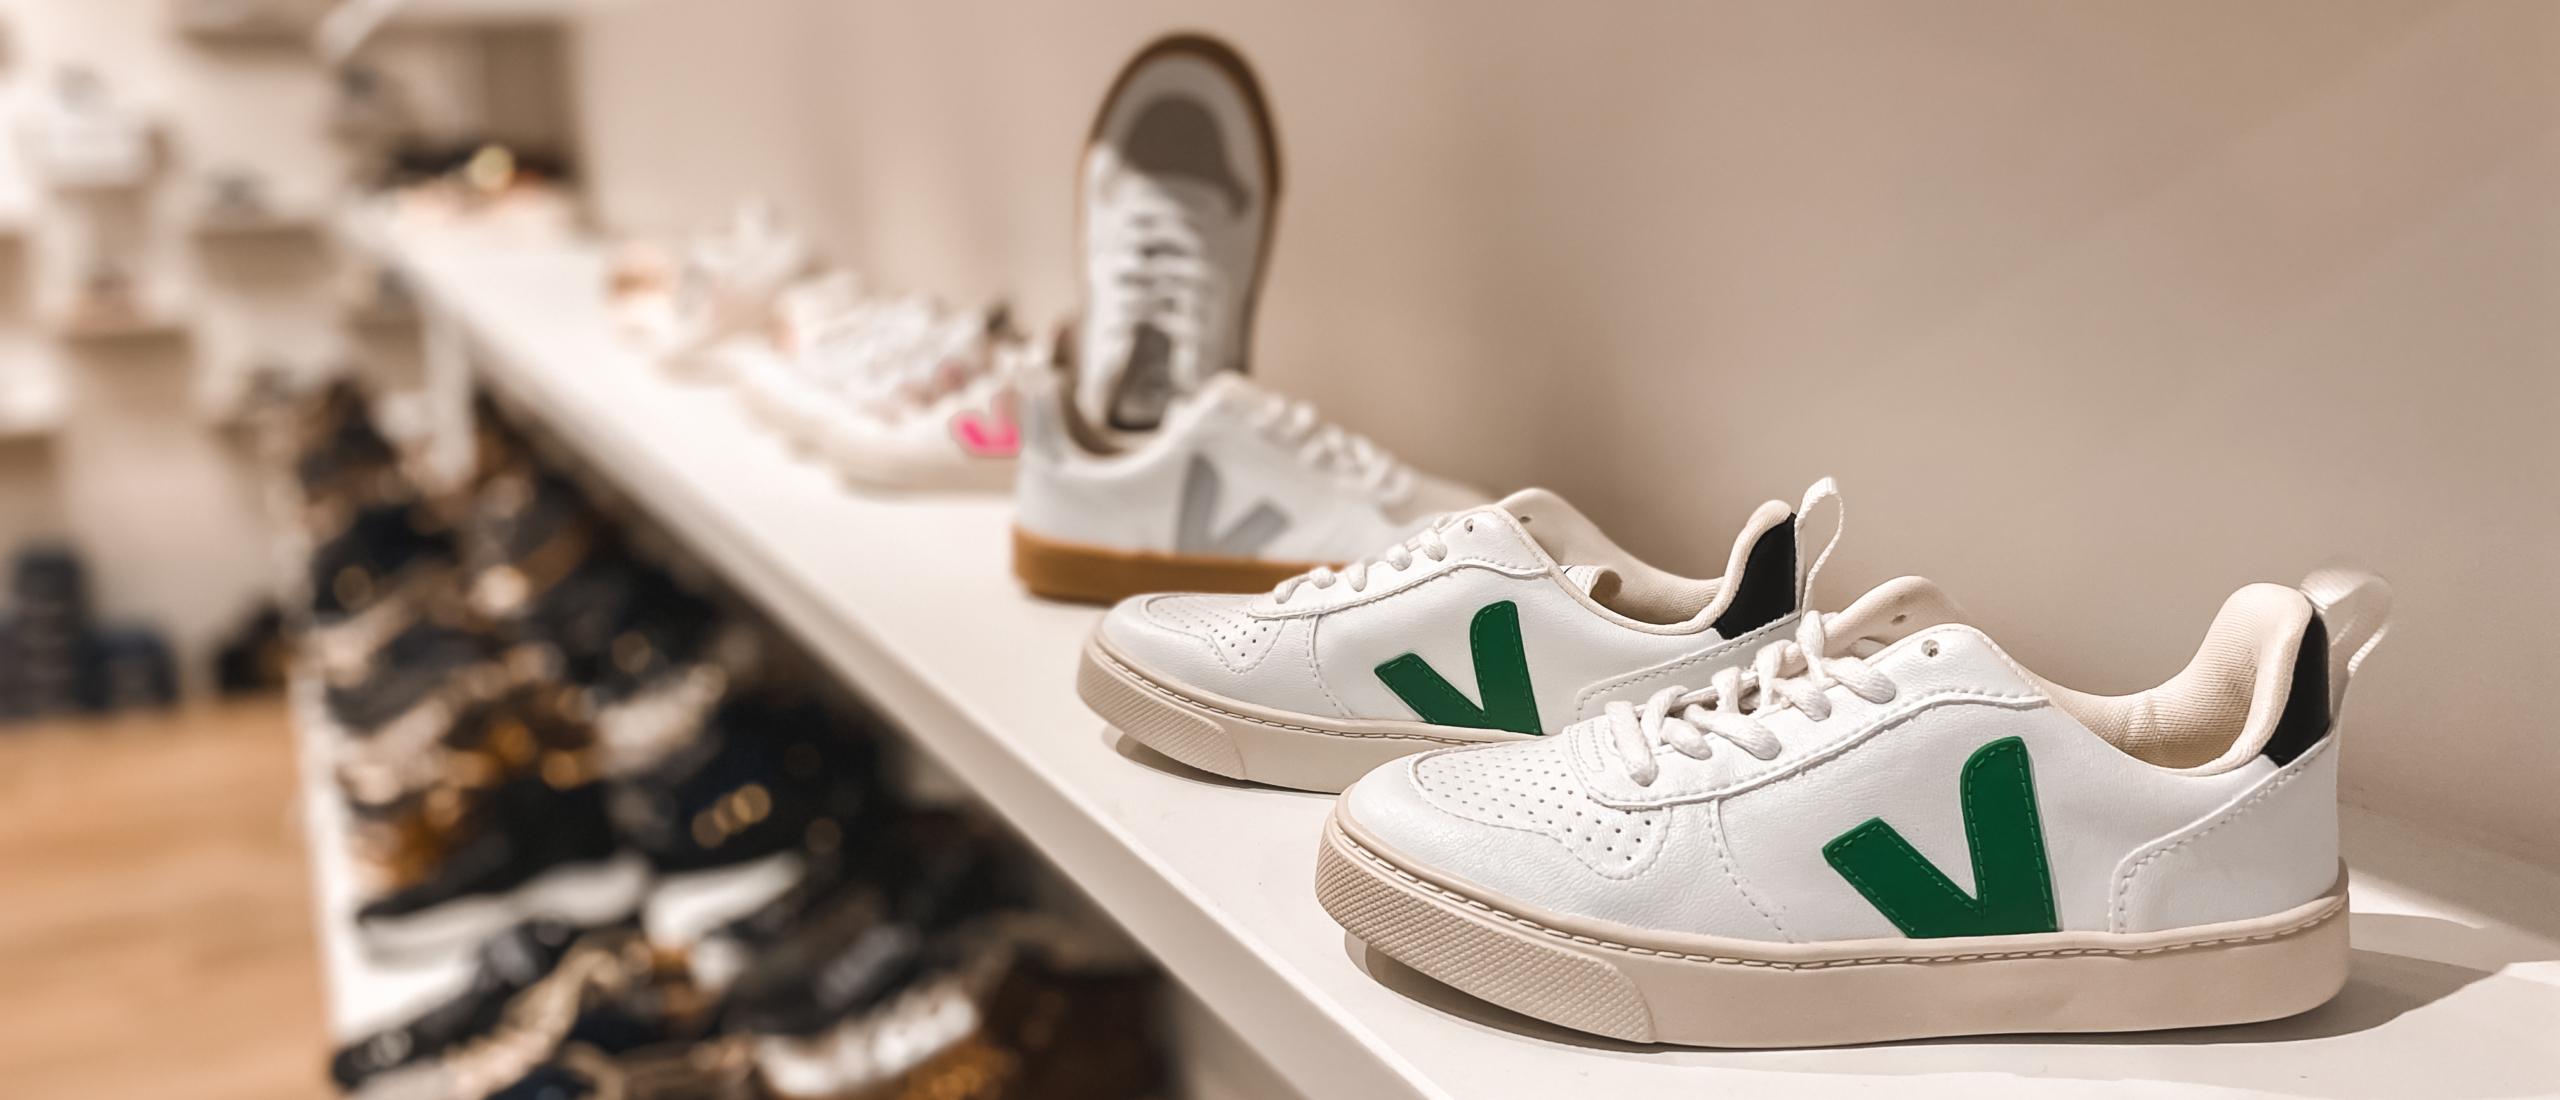 Veja schoenen